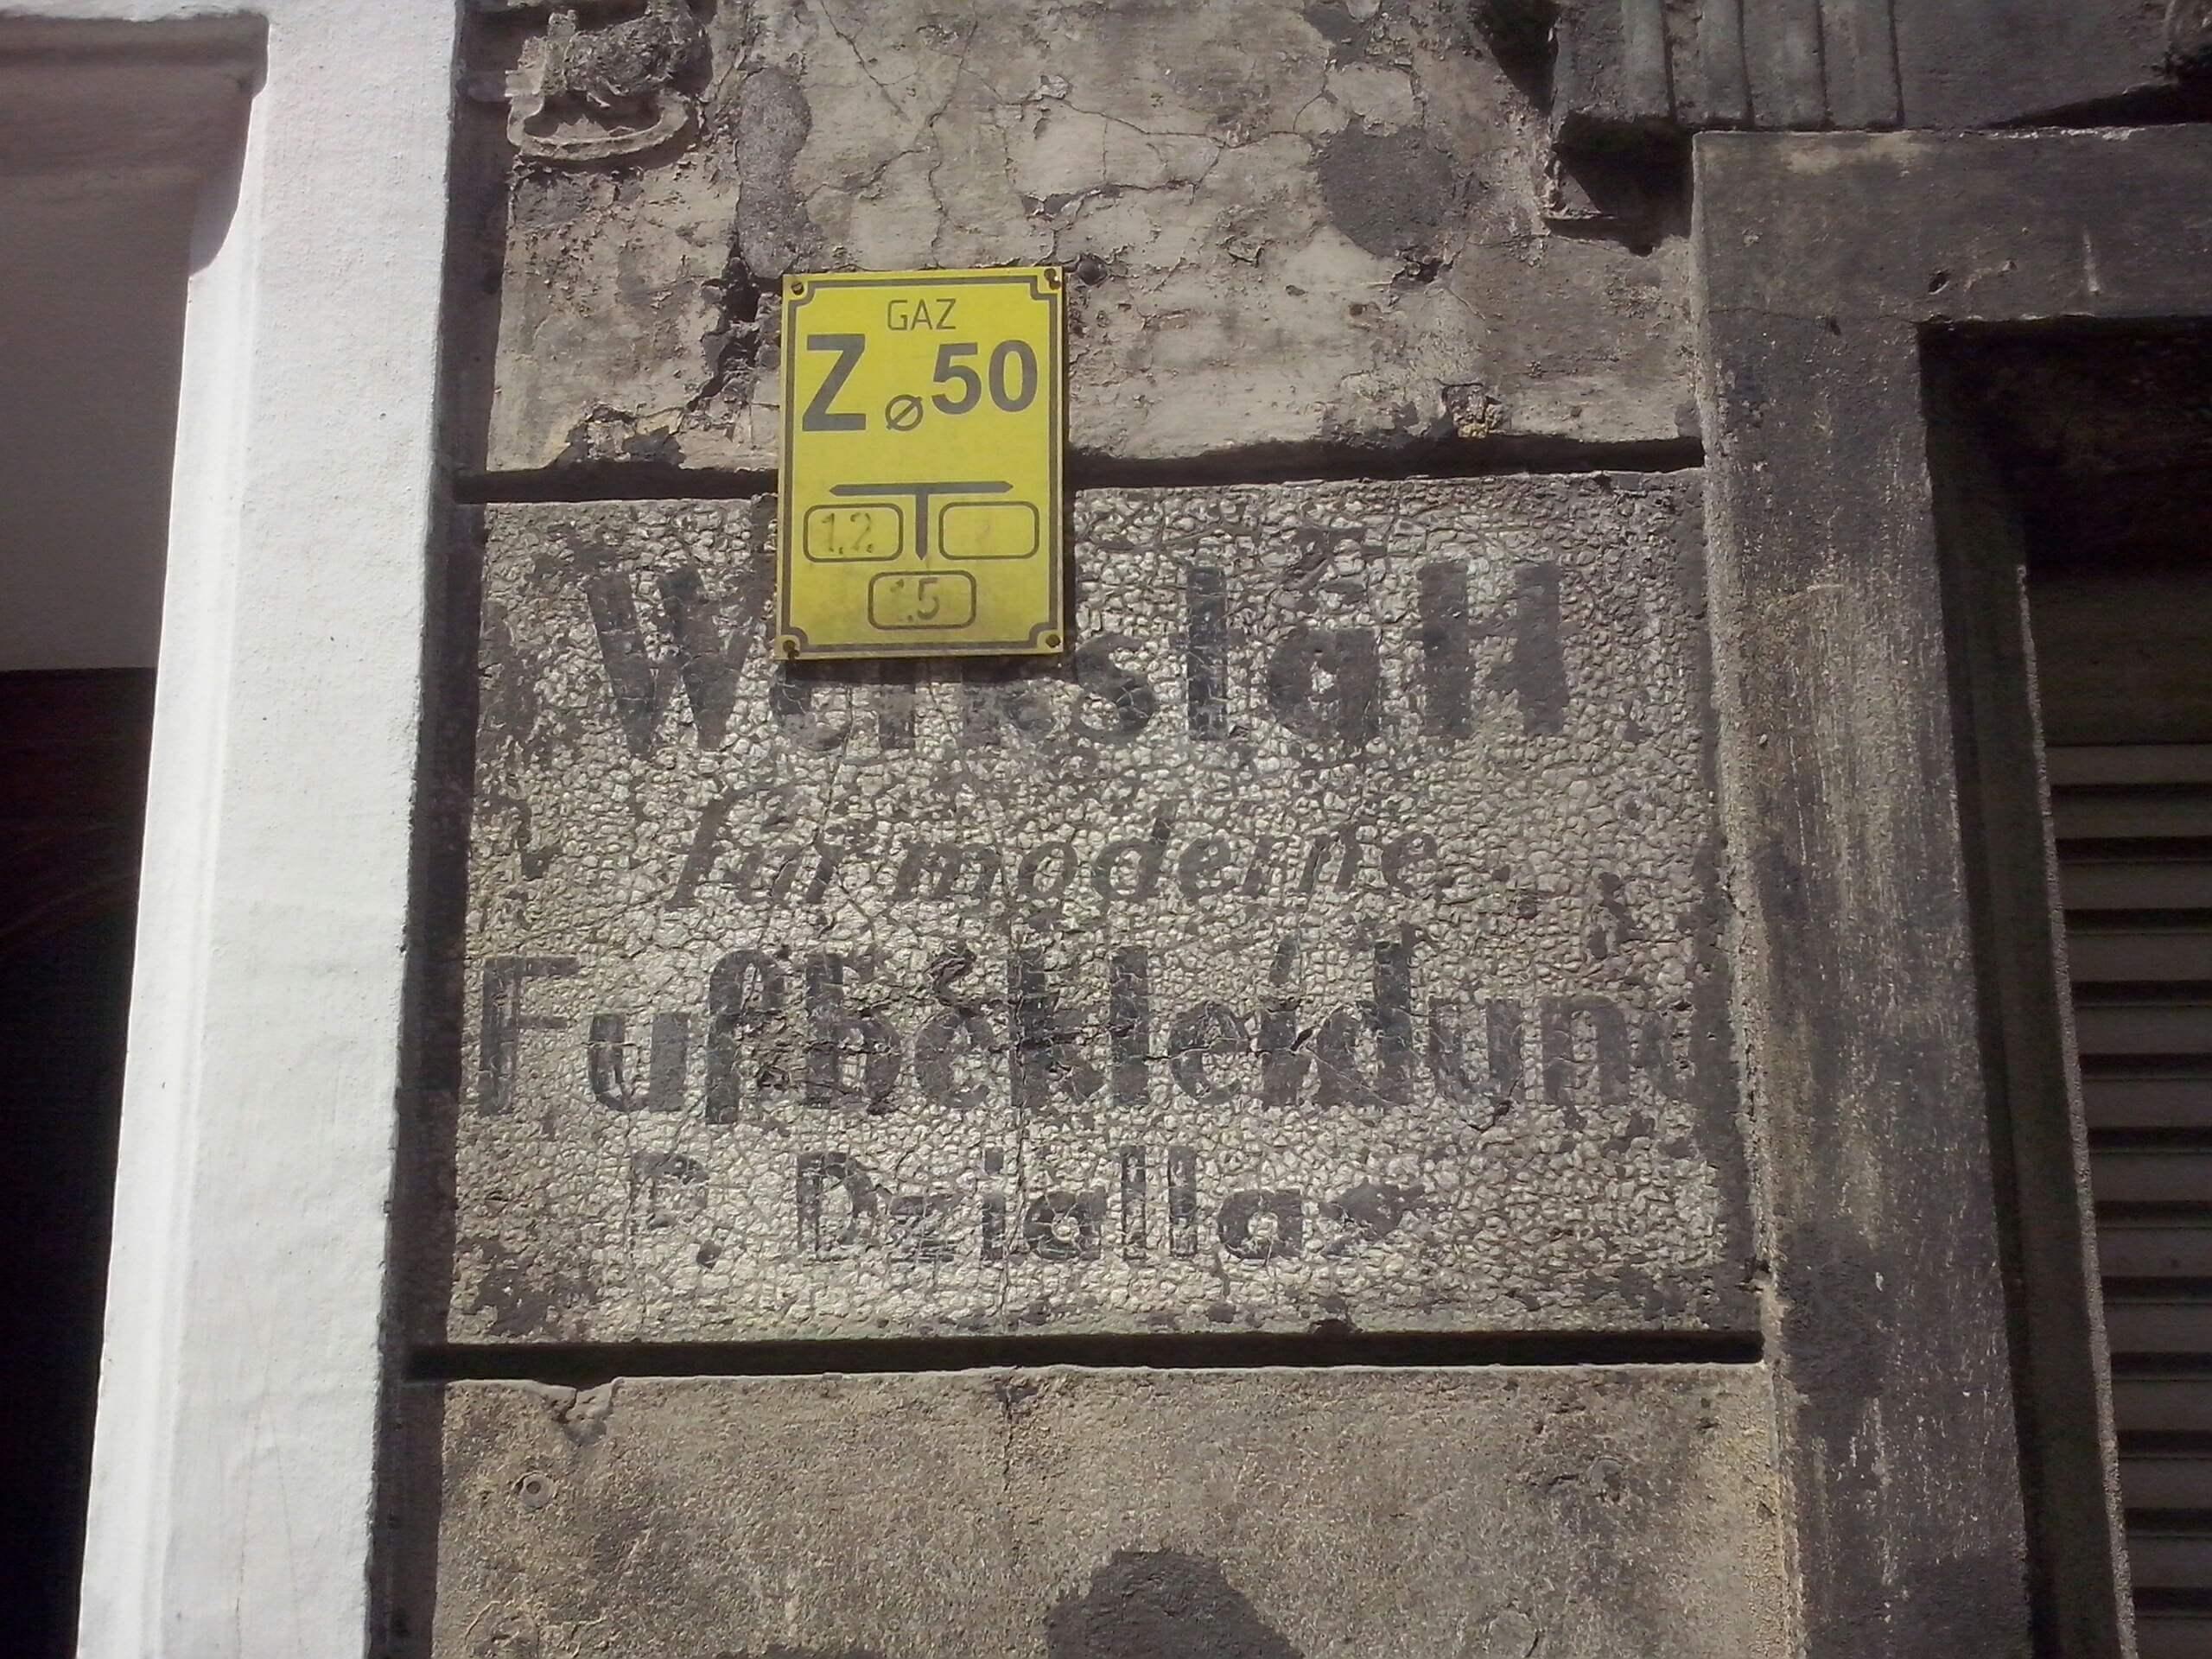 Rys. 2. Napis na ul. Paulińskiej, oznaczający zakład szewski dla modnego obuwia właściciela P. Dzialla, (niem. Werkstatt fur moderne Fussbekleidung, P. Dzialla).